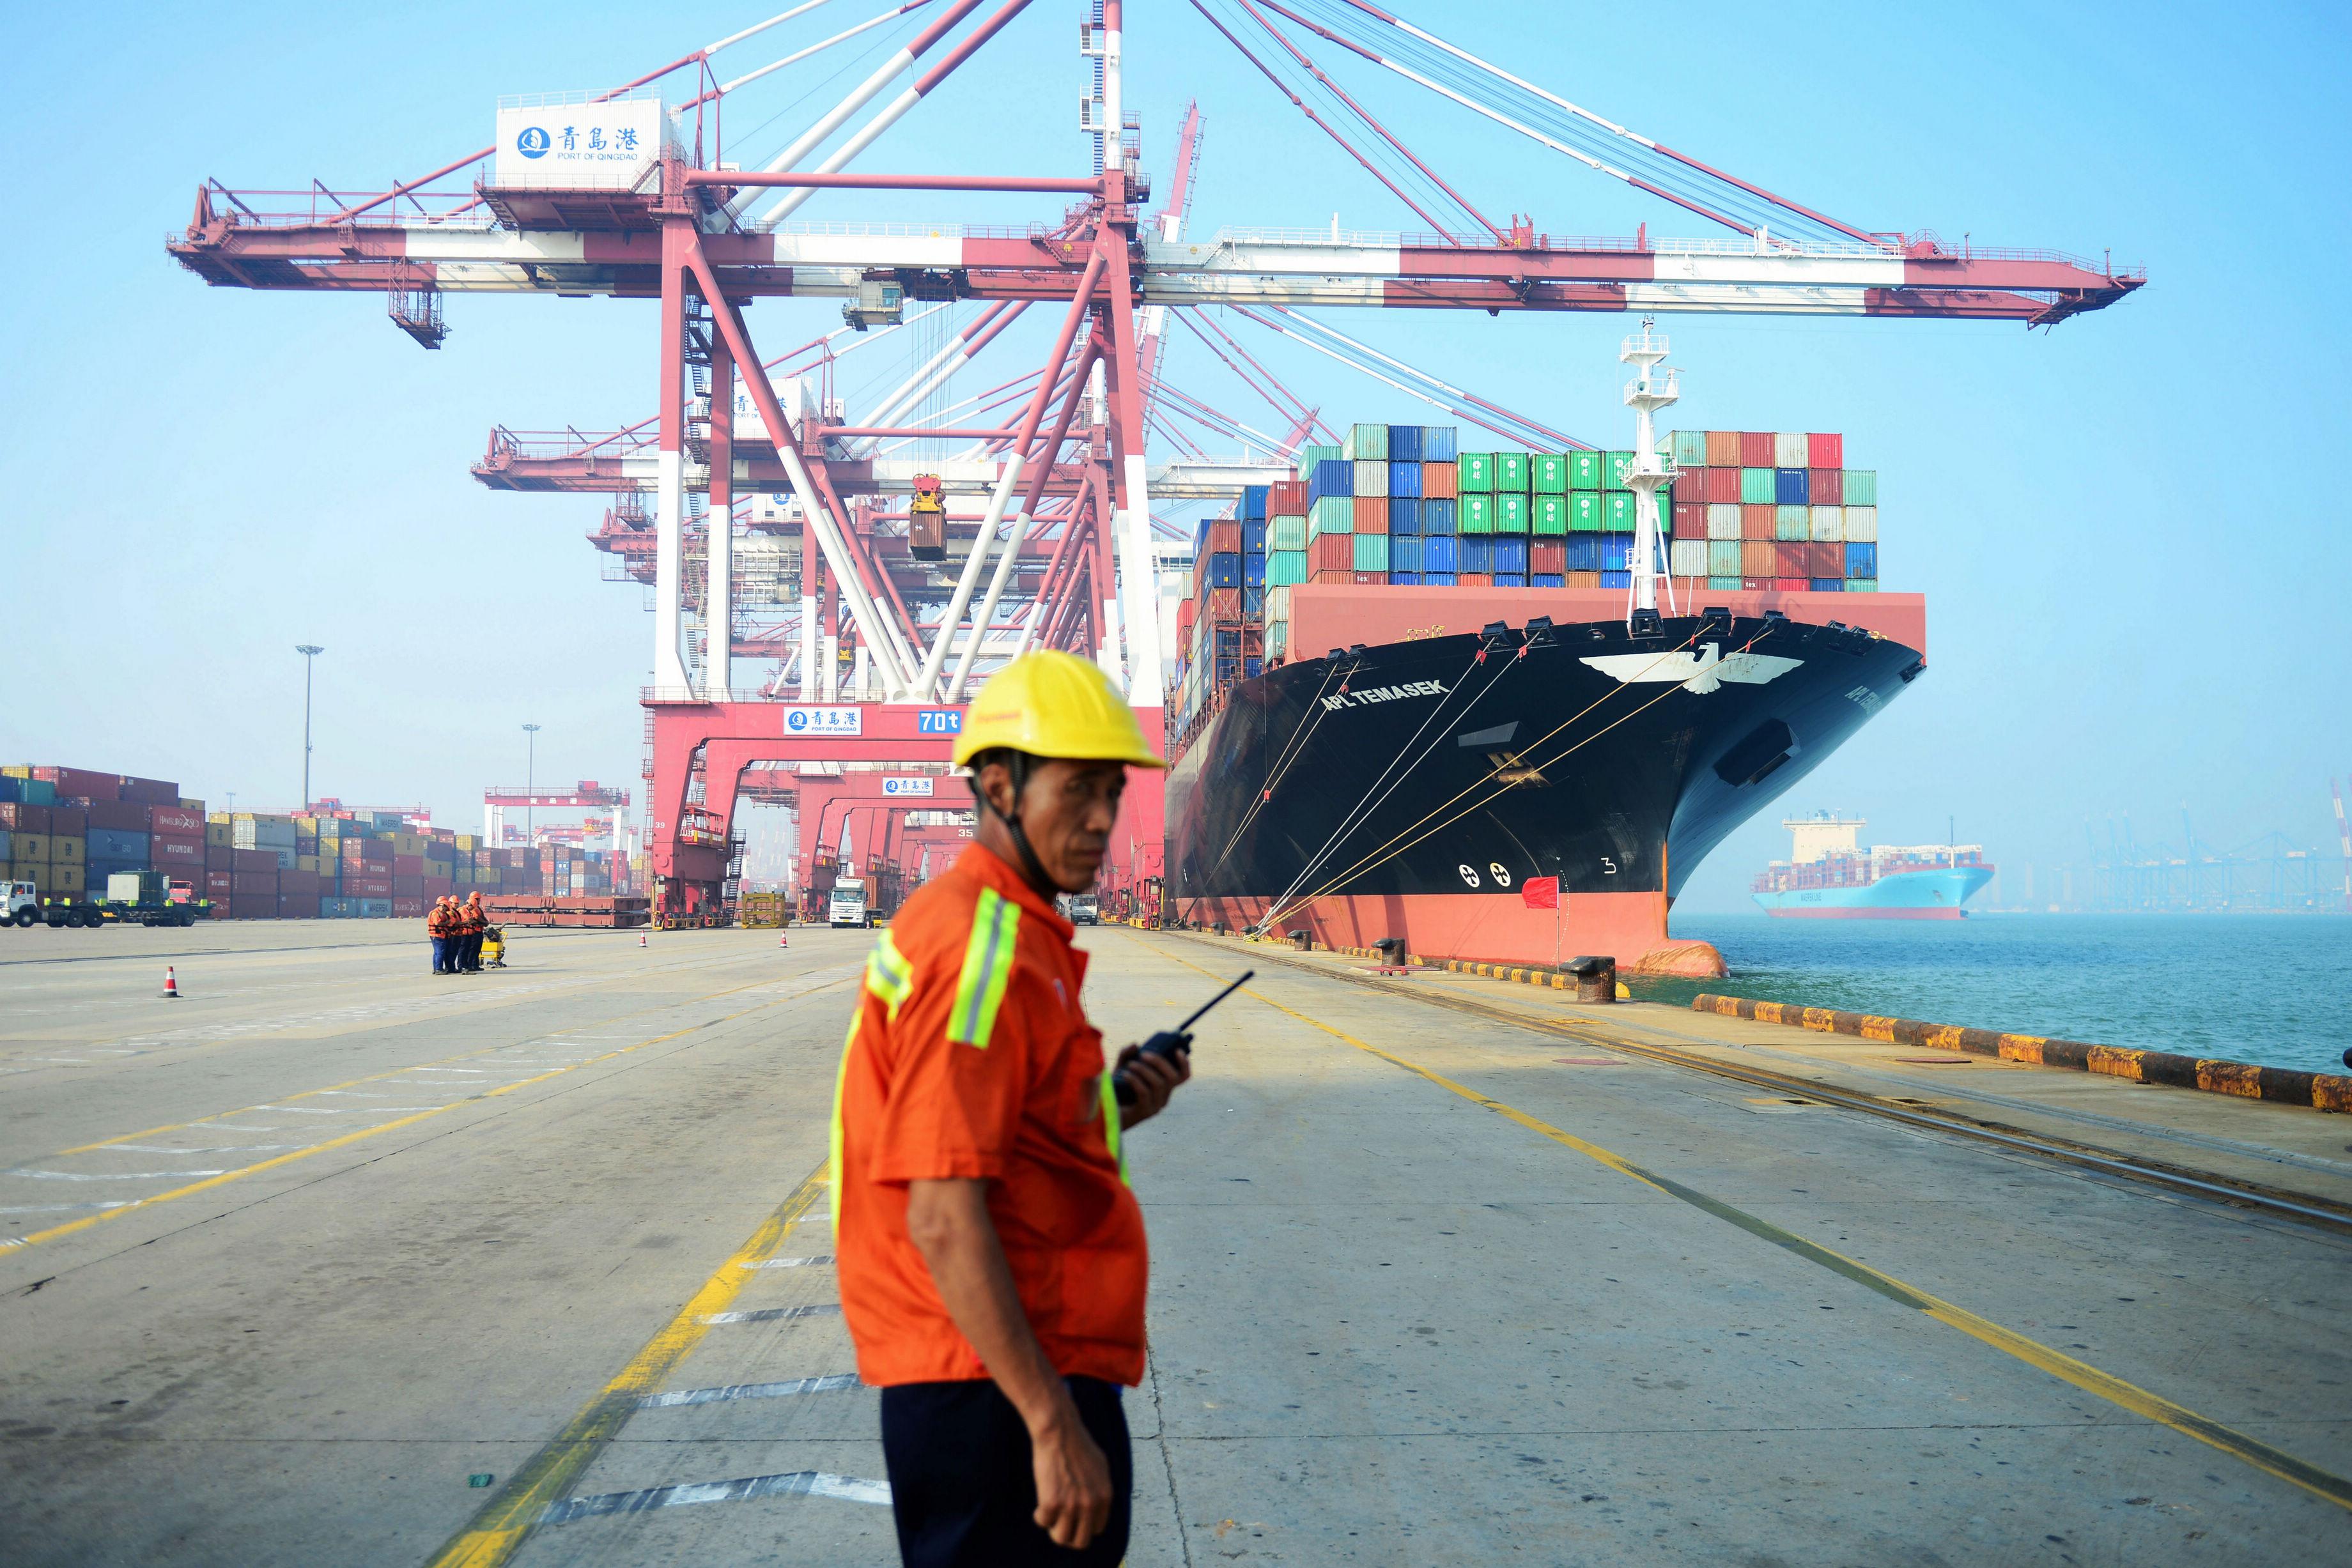 路透社最新調查結果顯示,受到中美貿易戰的影響及內外需求疲弱等因素影響,7月份,中國出口可能連續第二個月下滑,而進口大跌。與去年同期相比,出口預計下降2%,進口下降8.3%。圖為中國青島港口。(STR/AFP)